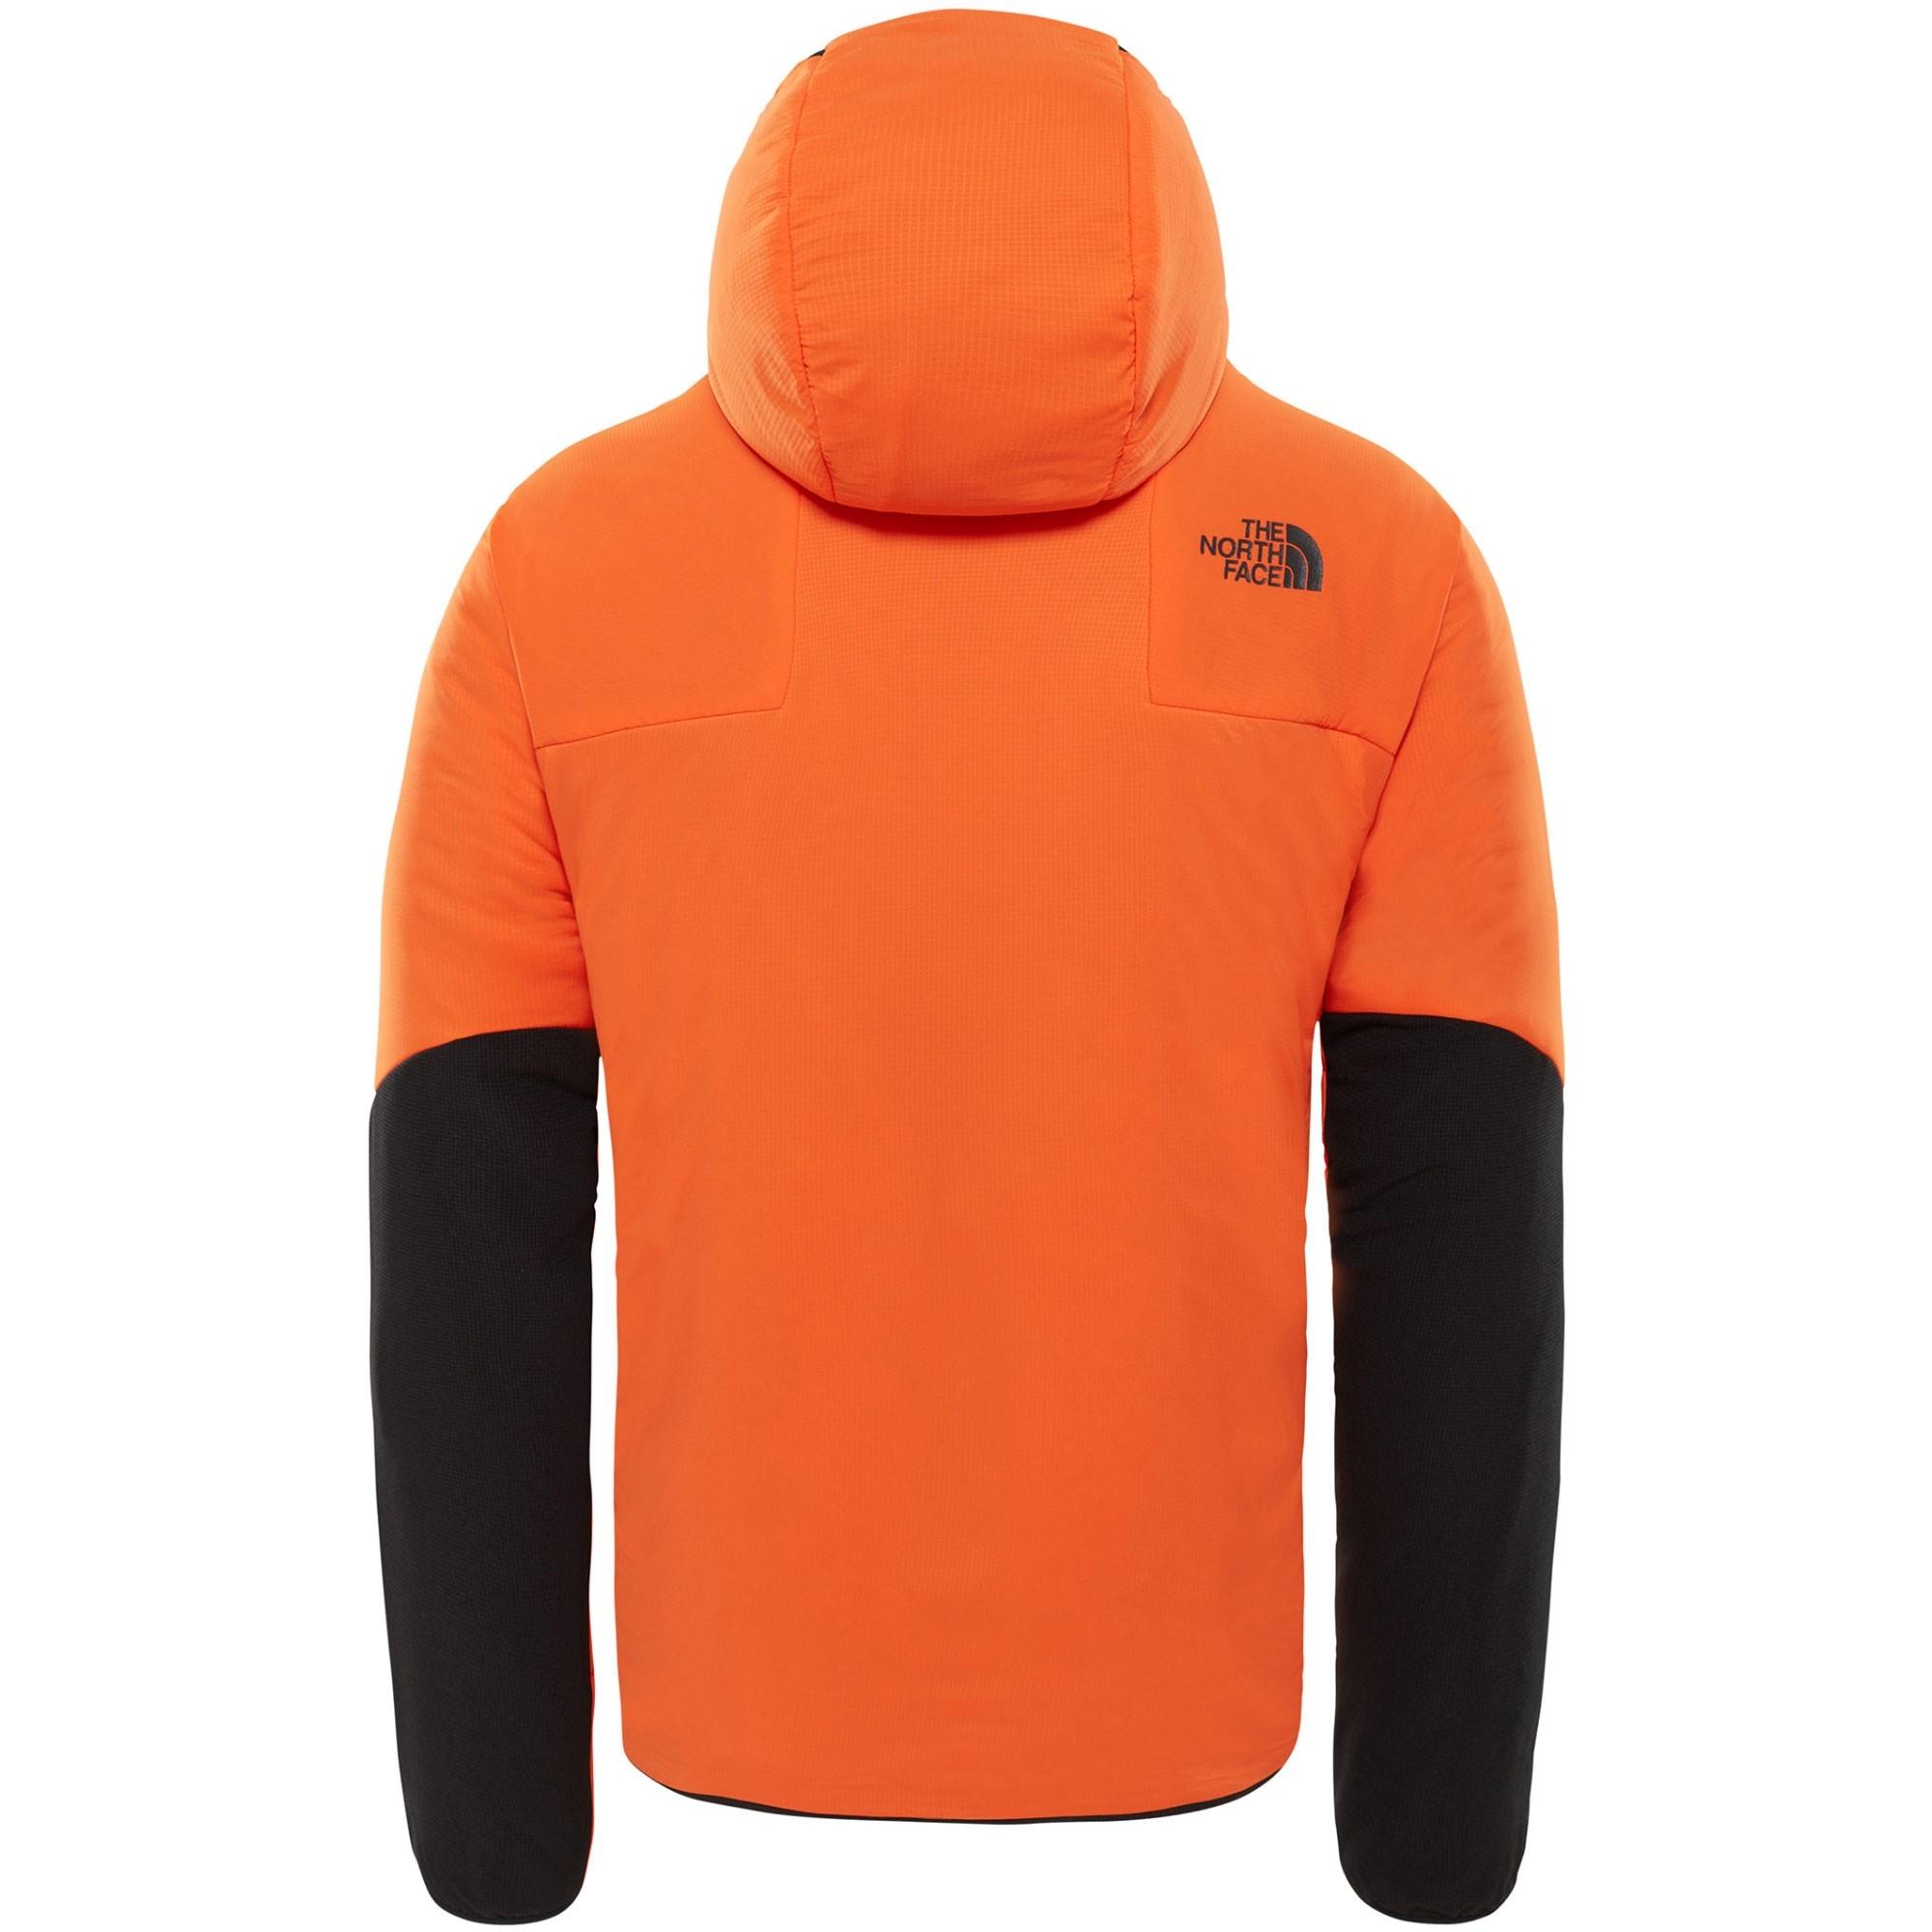 The North Face Ventrix Men's Insulated Hoodie - Persian Orange/TNF Black - rear